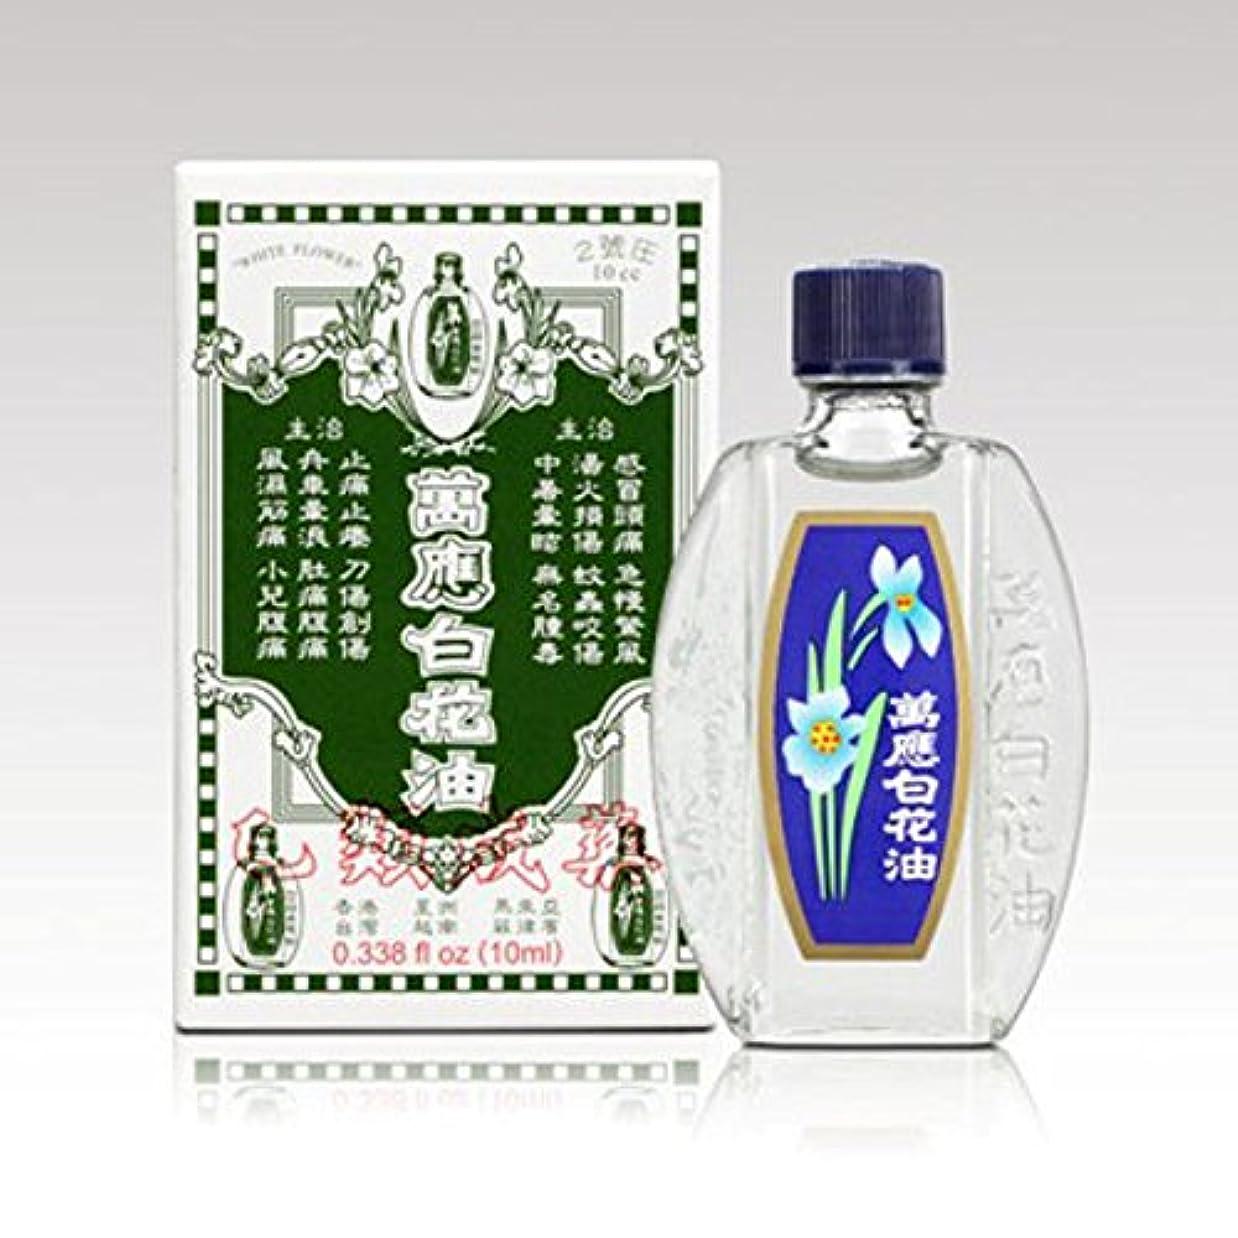 満了購入後退する《萬應白花油》 台湾の万能アロマオイル 万能白花油 10ml 《台湾 お土産》 [並行輸入品]